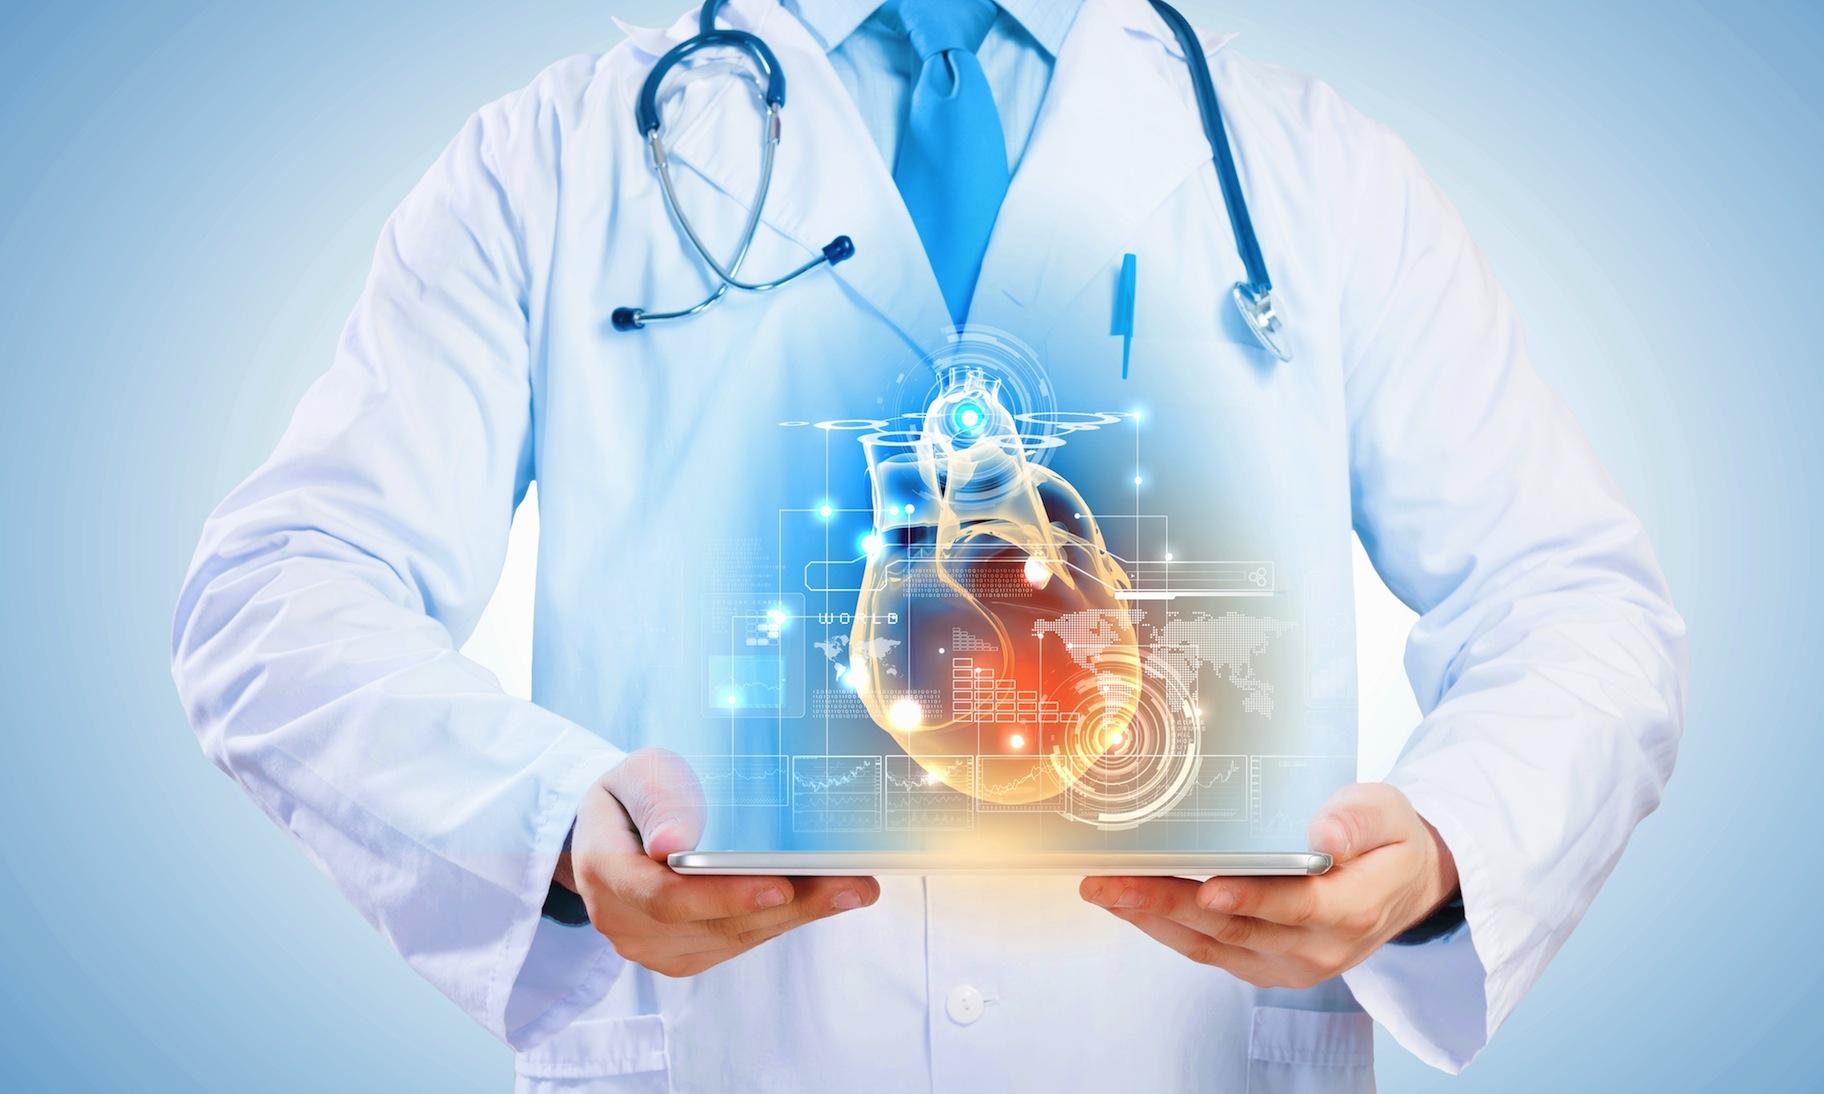 可汗学院公开课:保健与医学之健康生活方式——低钠饮食